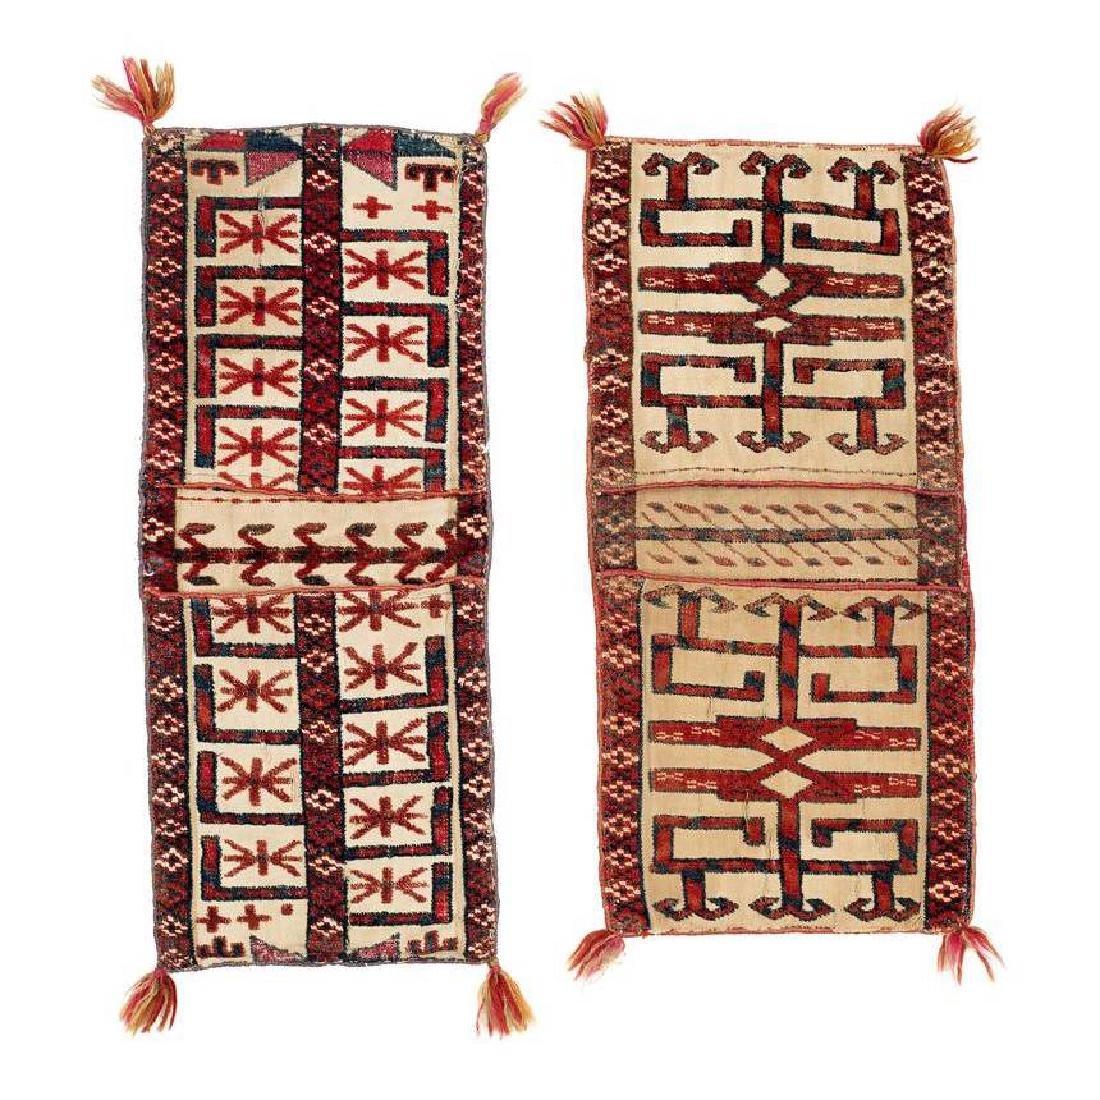 Two Turkmen Khorjins